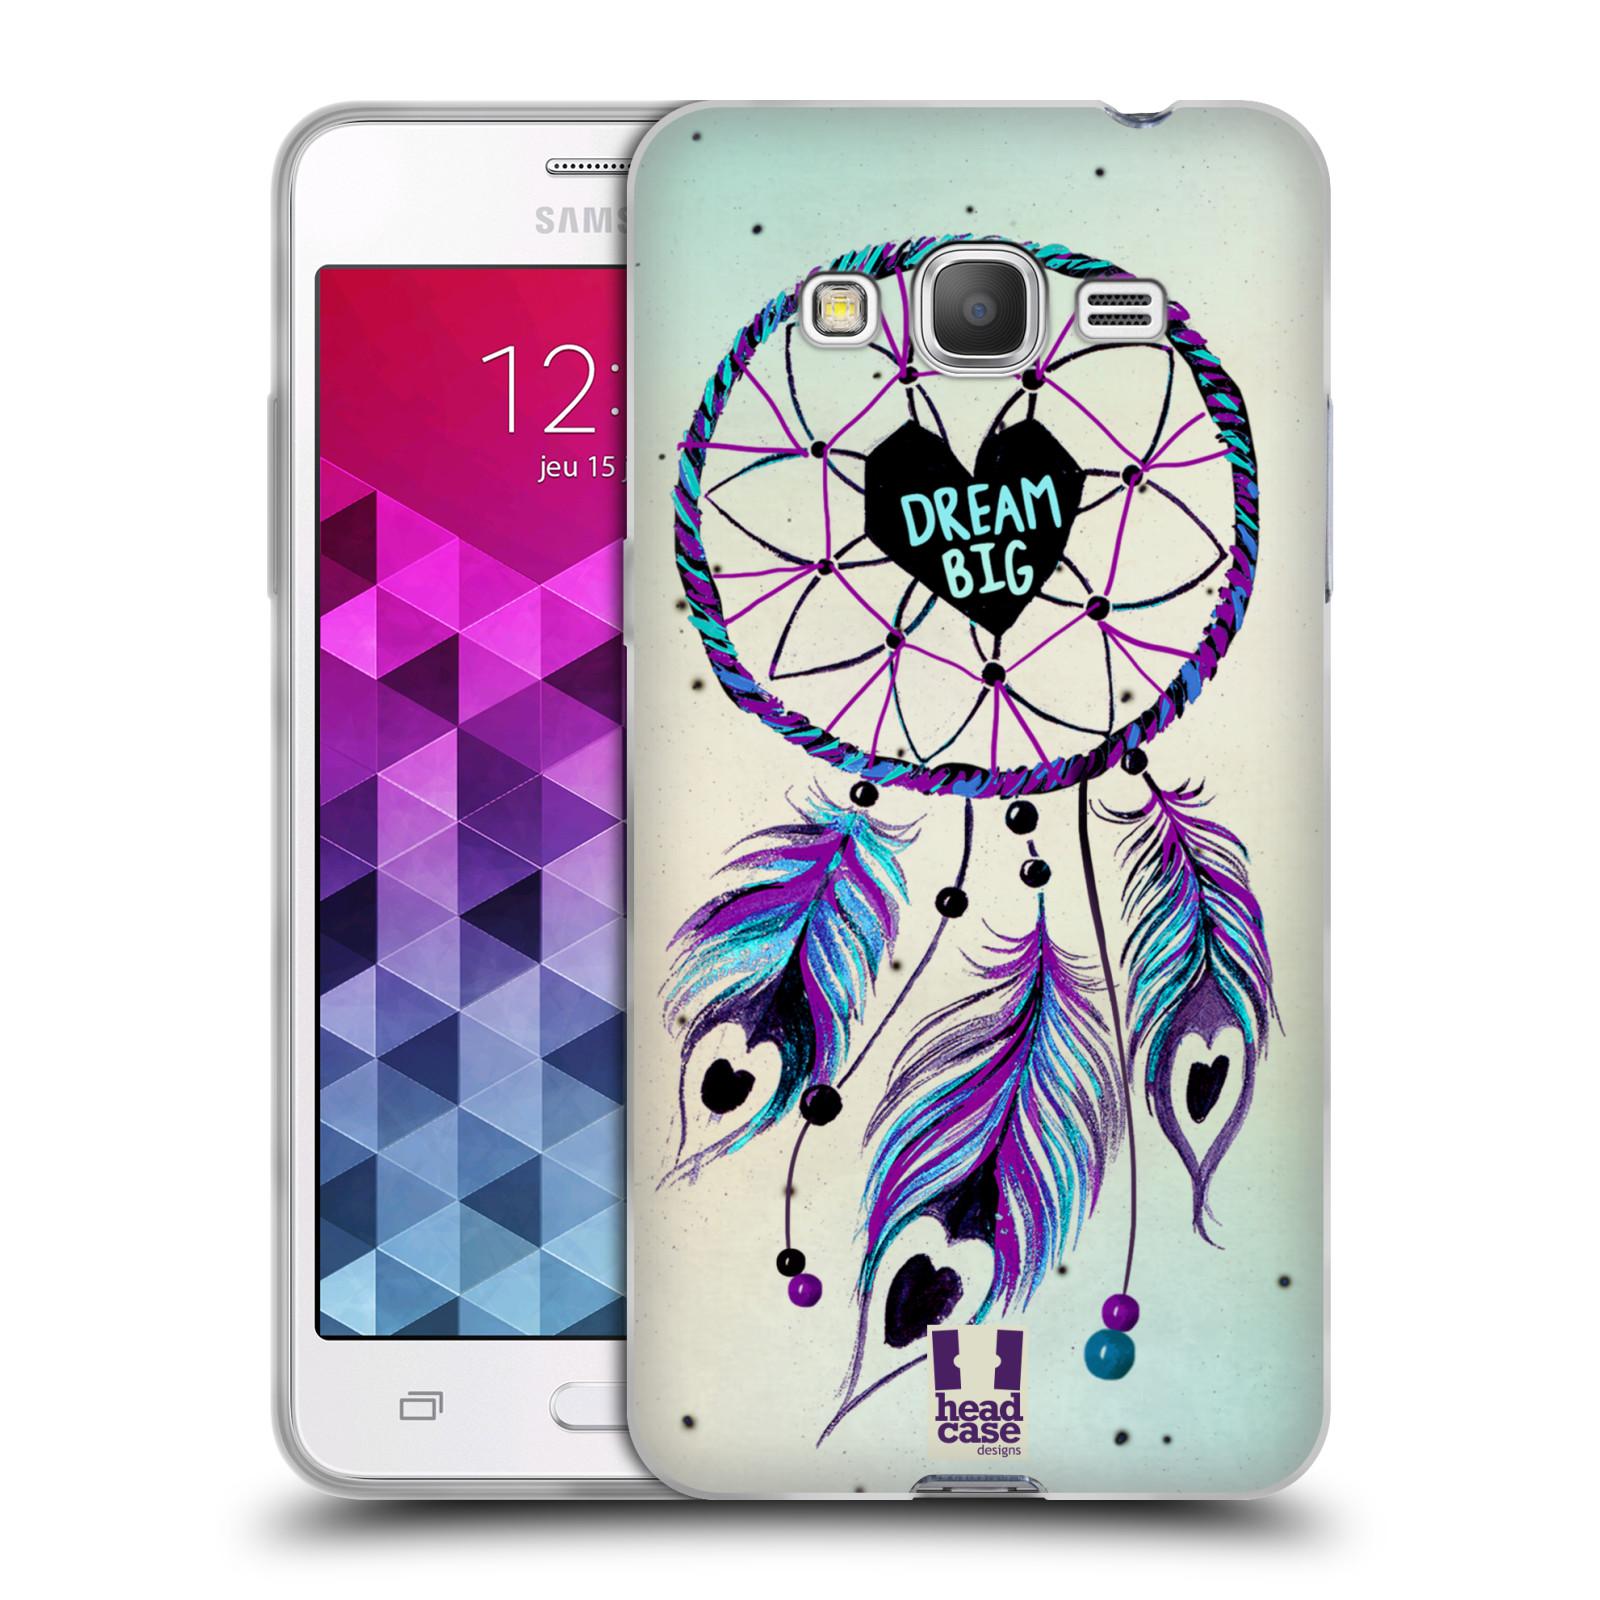 Silikonové pouzdro na mobil Samsung Galaxy Grand Prime HEAD CASE Lapač Assorted Dream Big Srdce